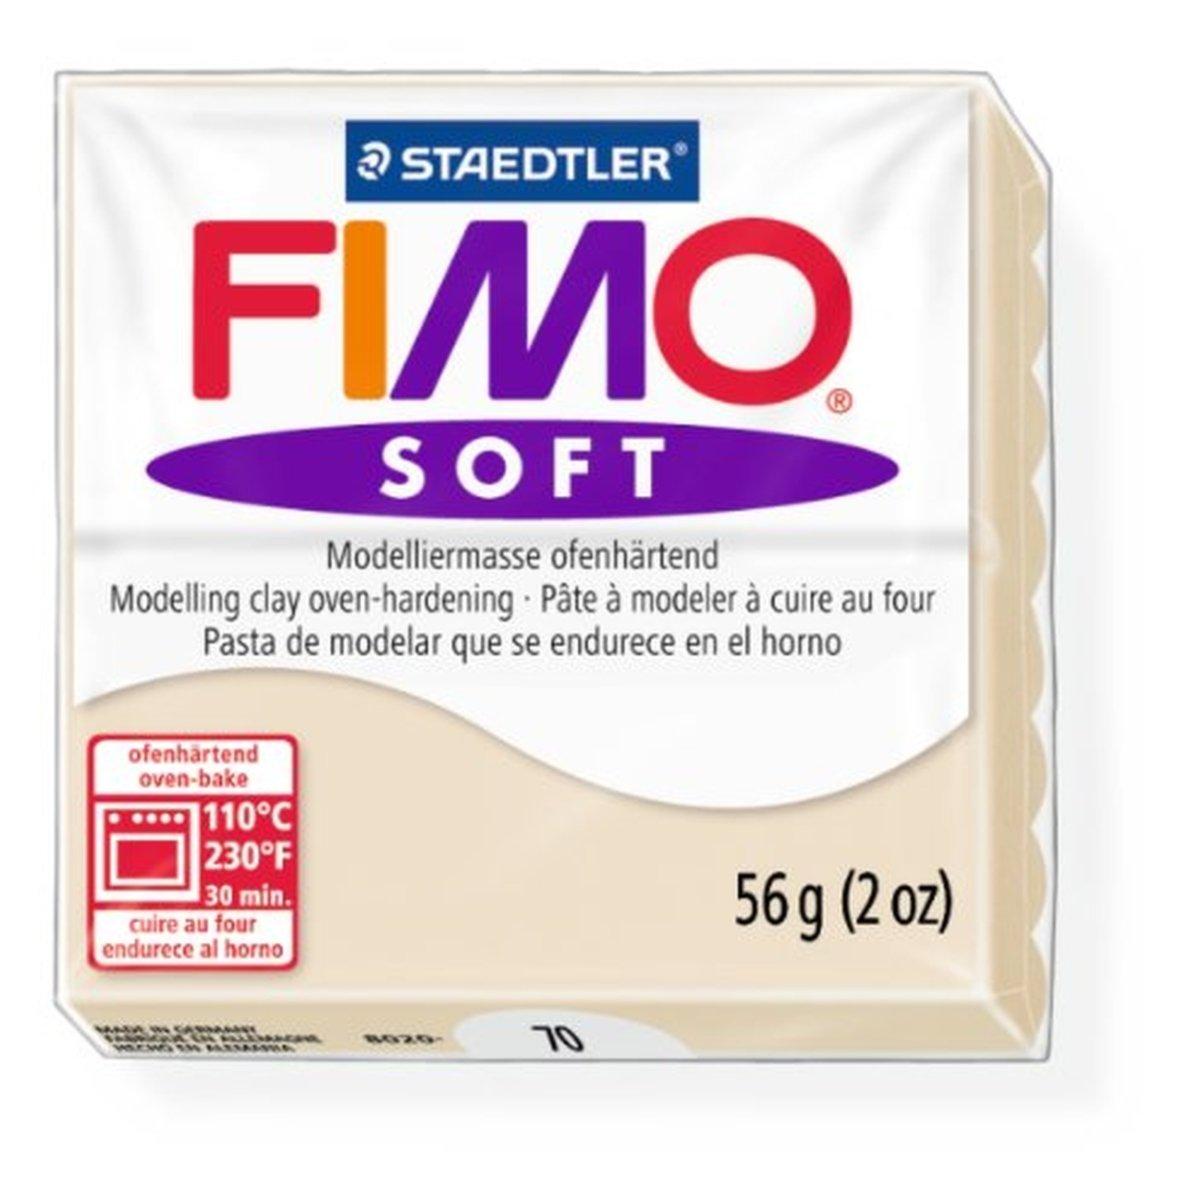 Staedtler Fimo Soft Sahara (70) Horno Bake Modelado Moldura Arcilla Bloques 56g, 1 pack